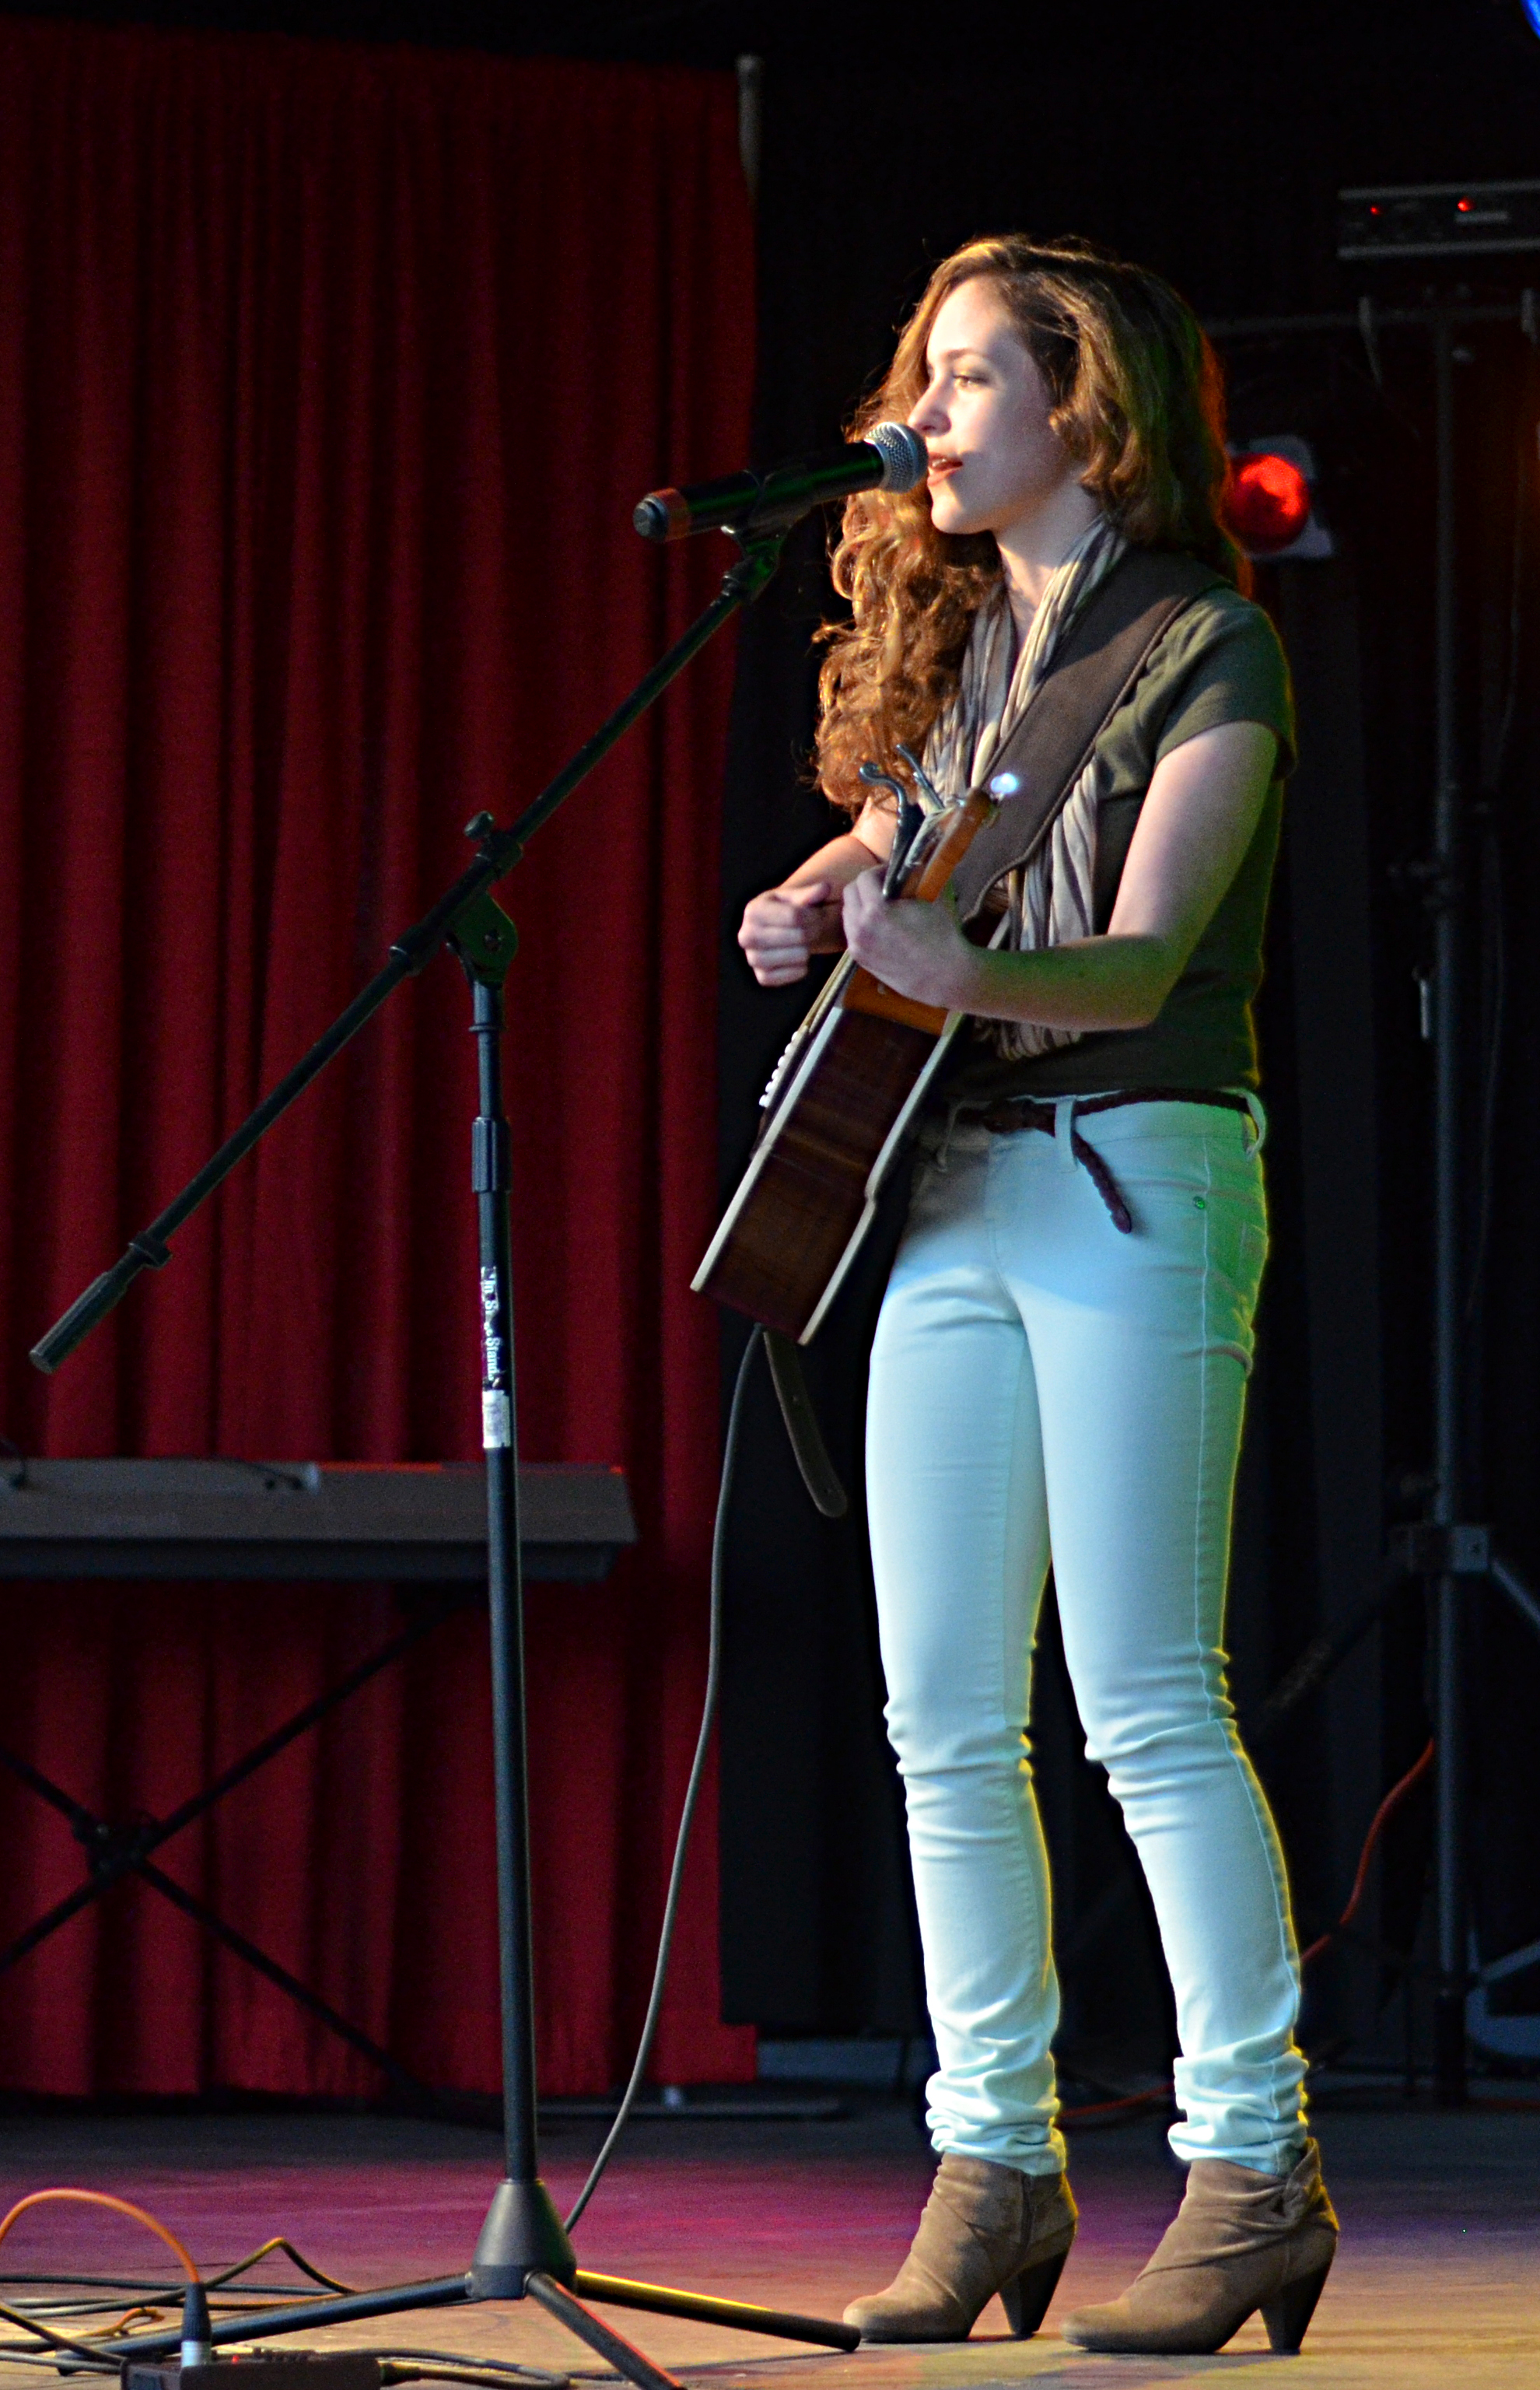 Alexandra Salamone